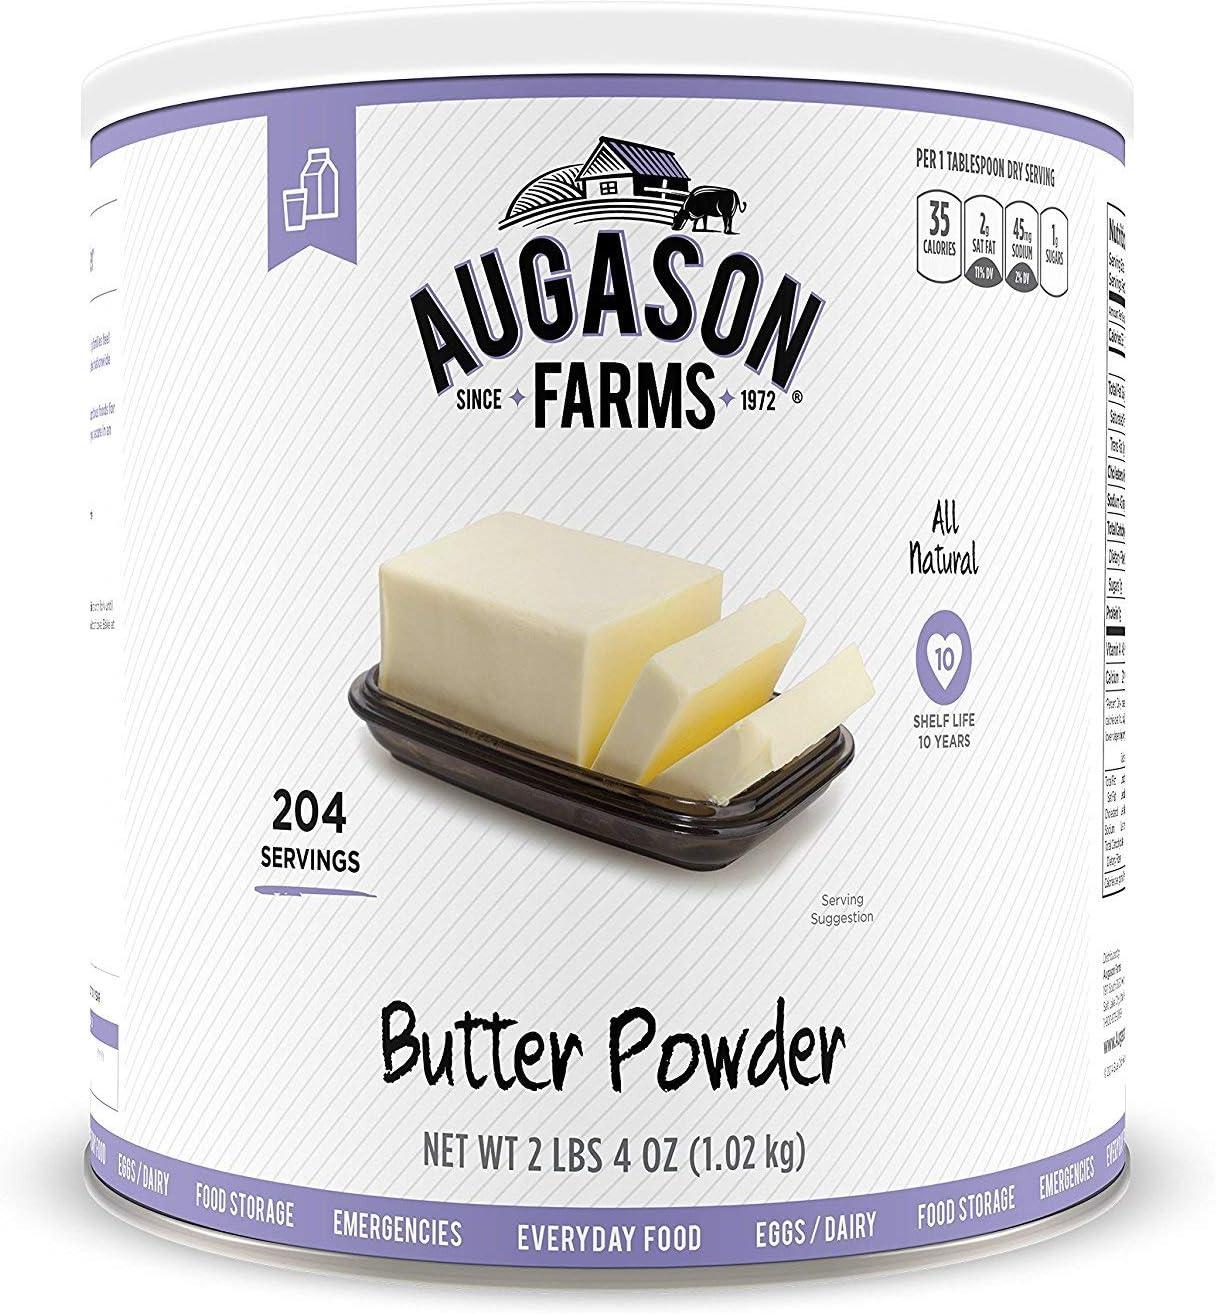 Augason Farms Butter Powder 2 lbs 4 oz No. 10 Can (1 CAN)